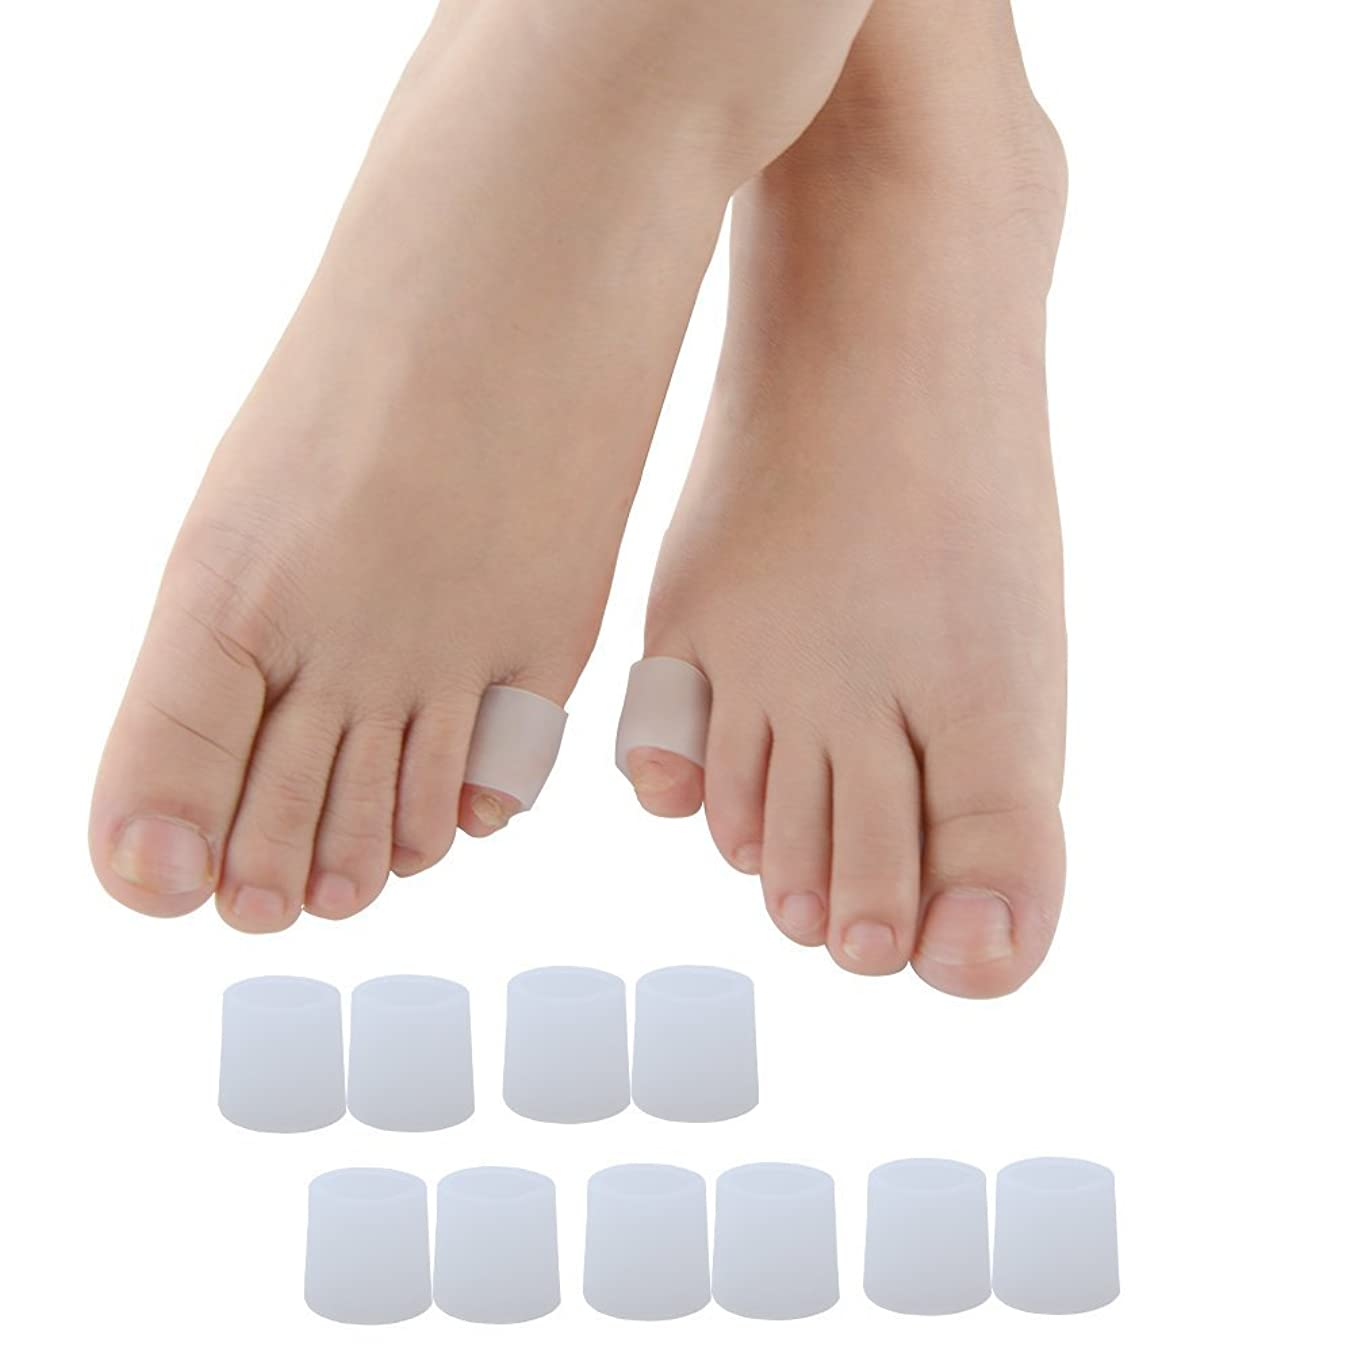 固める放射能スーダンPovihome 足指 足爪 保護キャップ 小指 5ペア,足の小指保護, 白い 足 指 キャップ